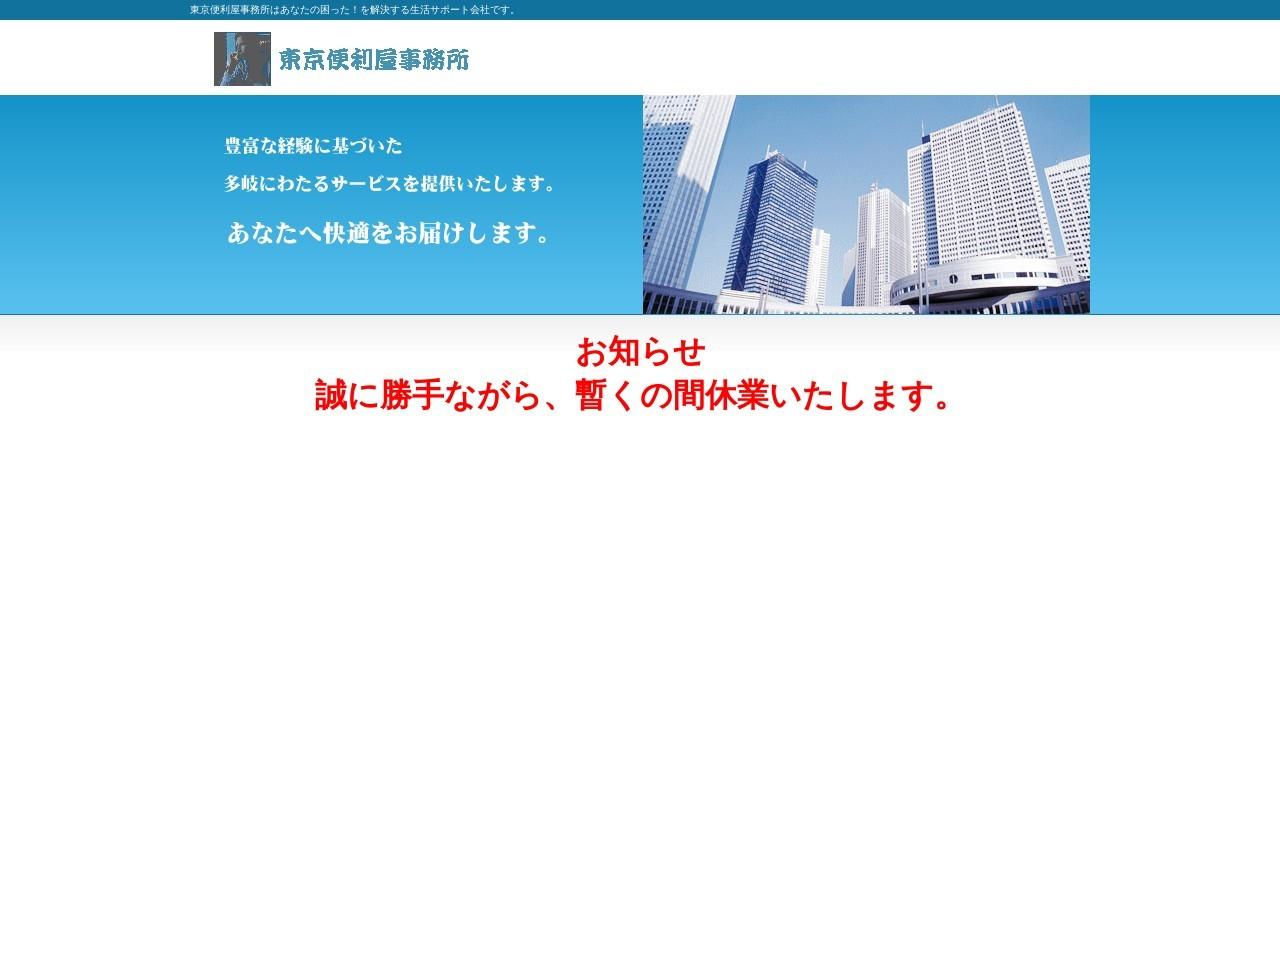 有限会社東京便利屋事務所